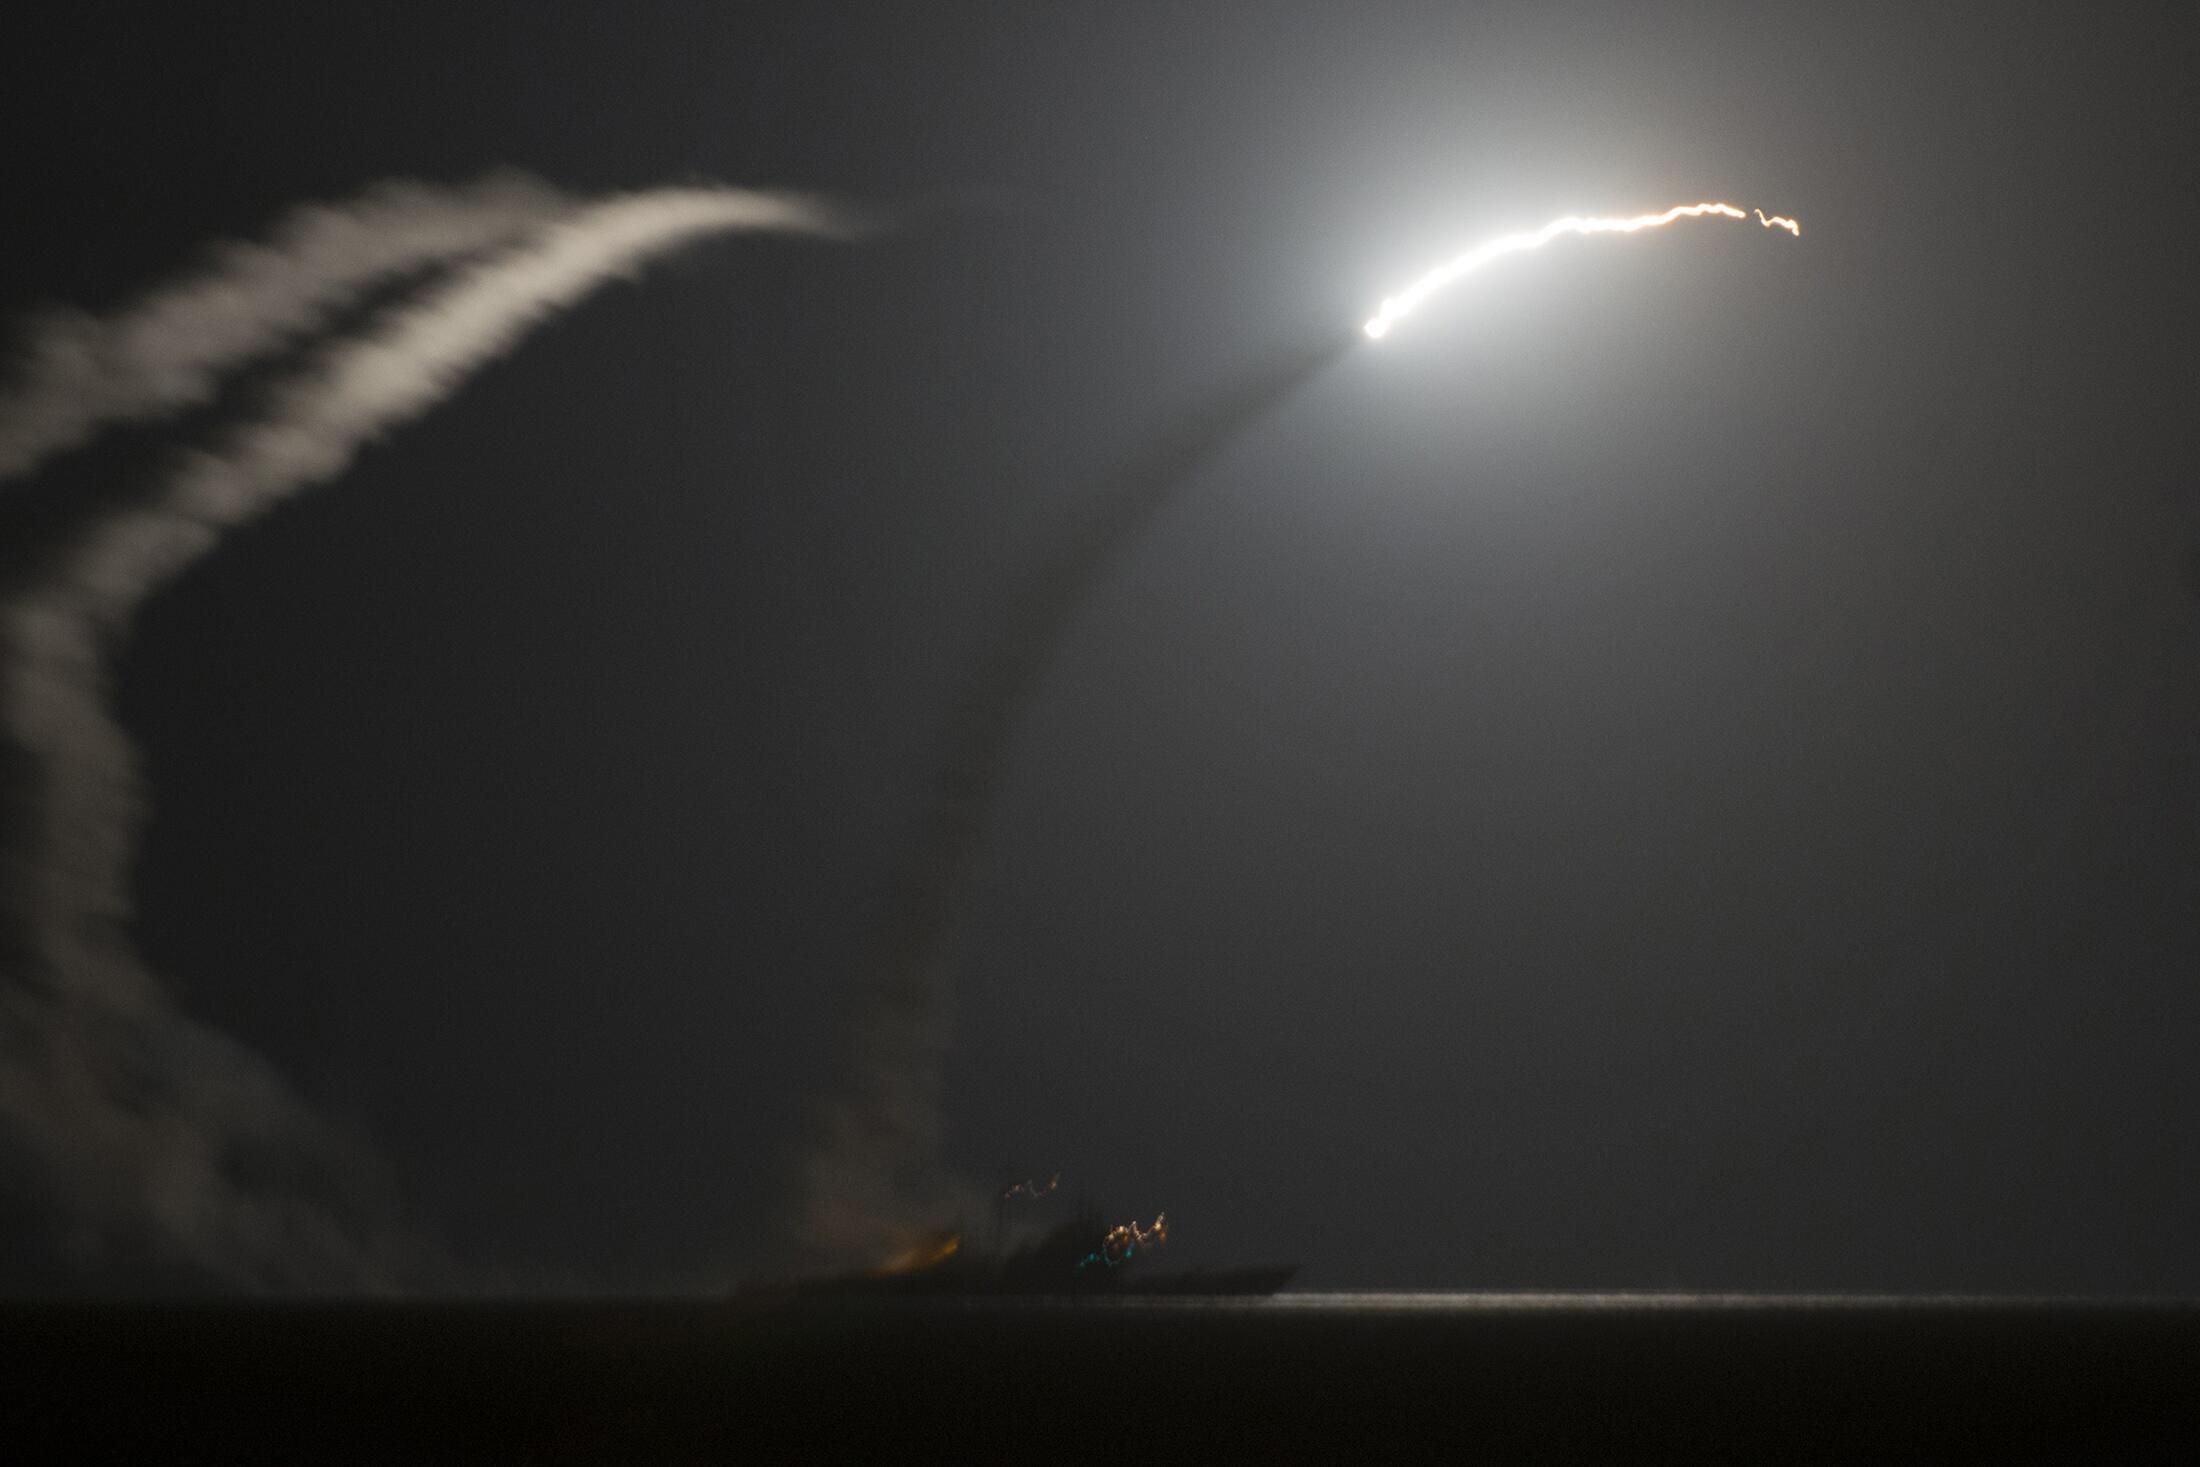 Un missile Tomahawk, tiré du croiseur USS Philippine Sea, près du porte-avions «USS George H.W. Bush» dans le golfe Persique, le 23 septembre 2014.